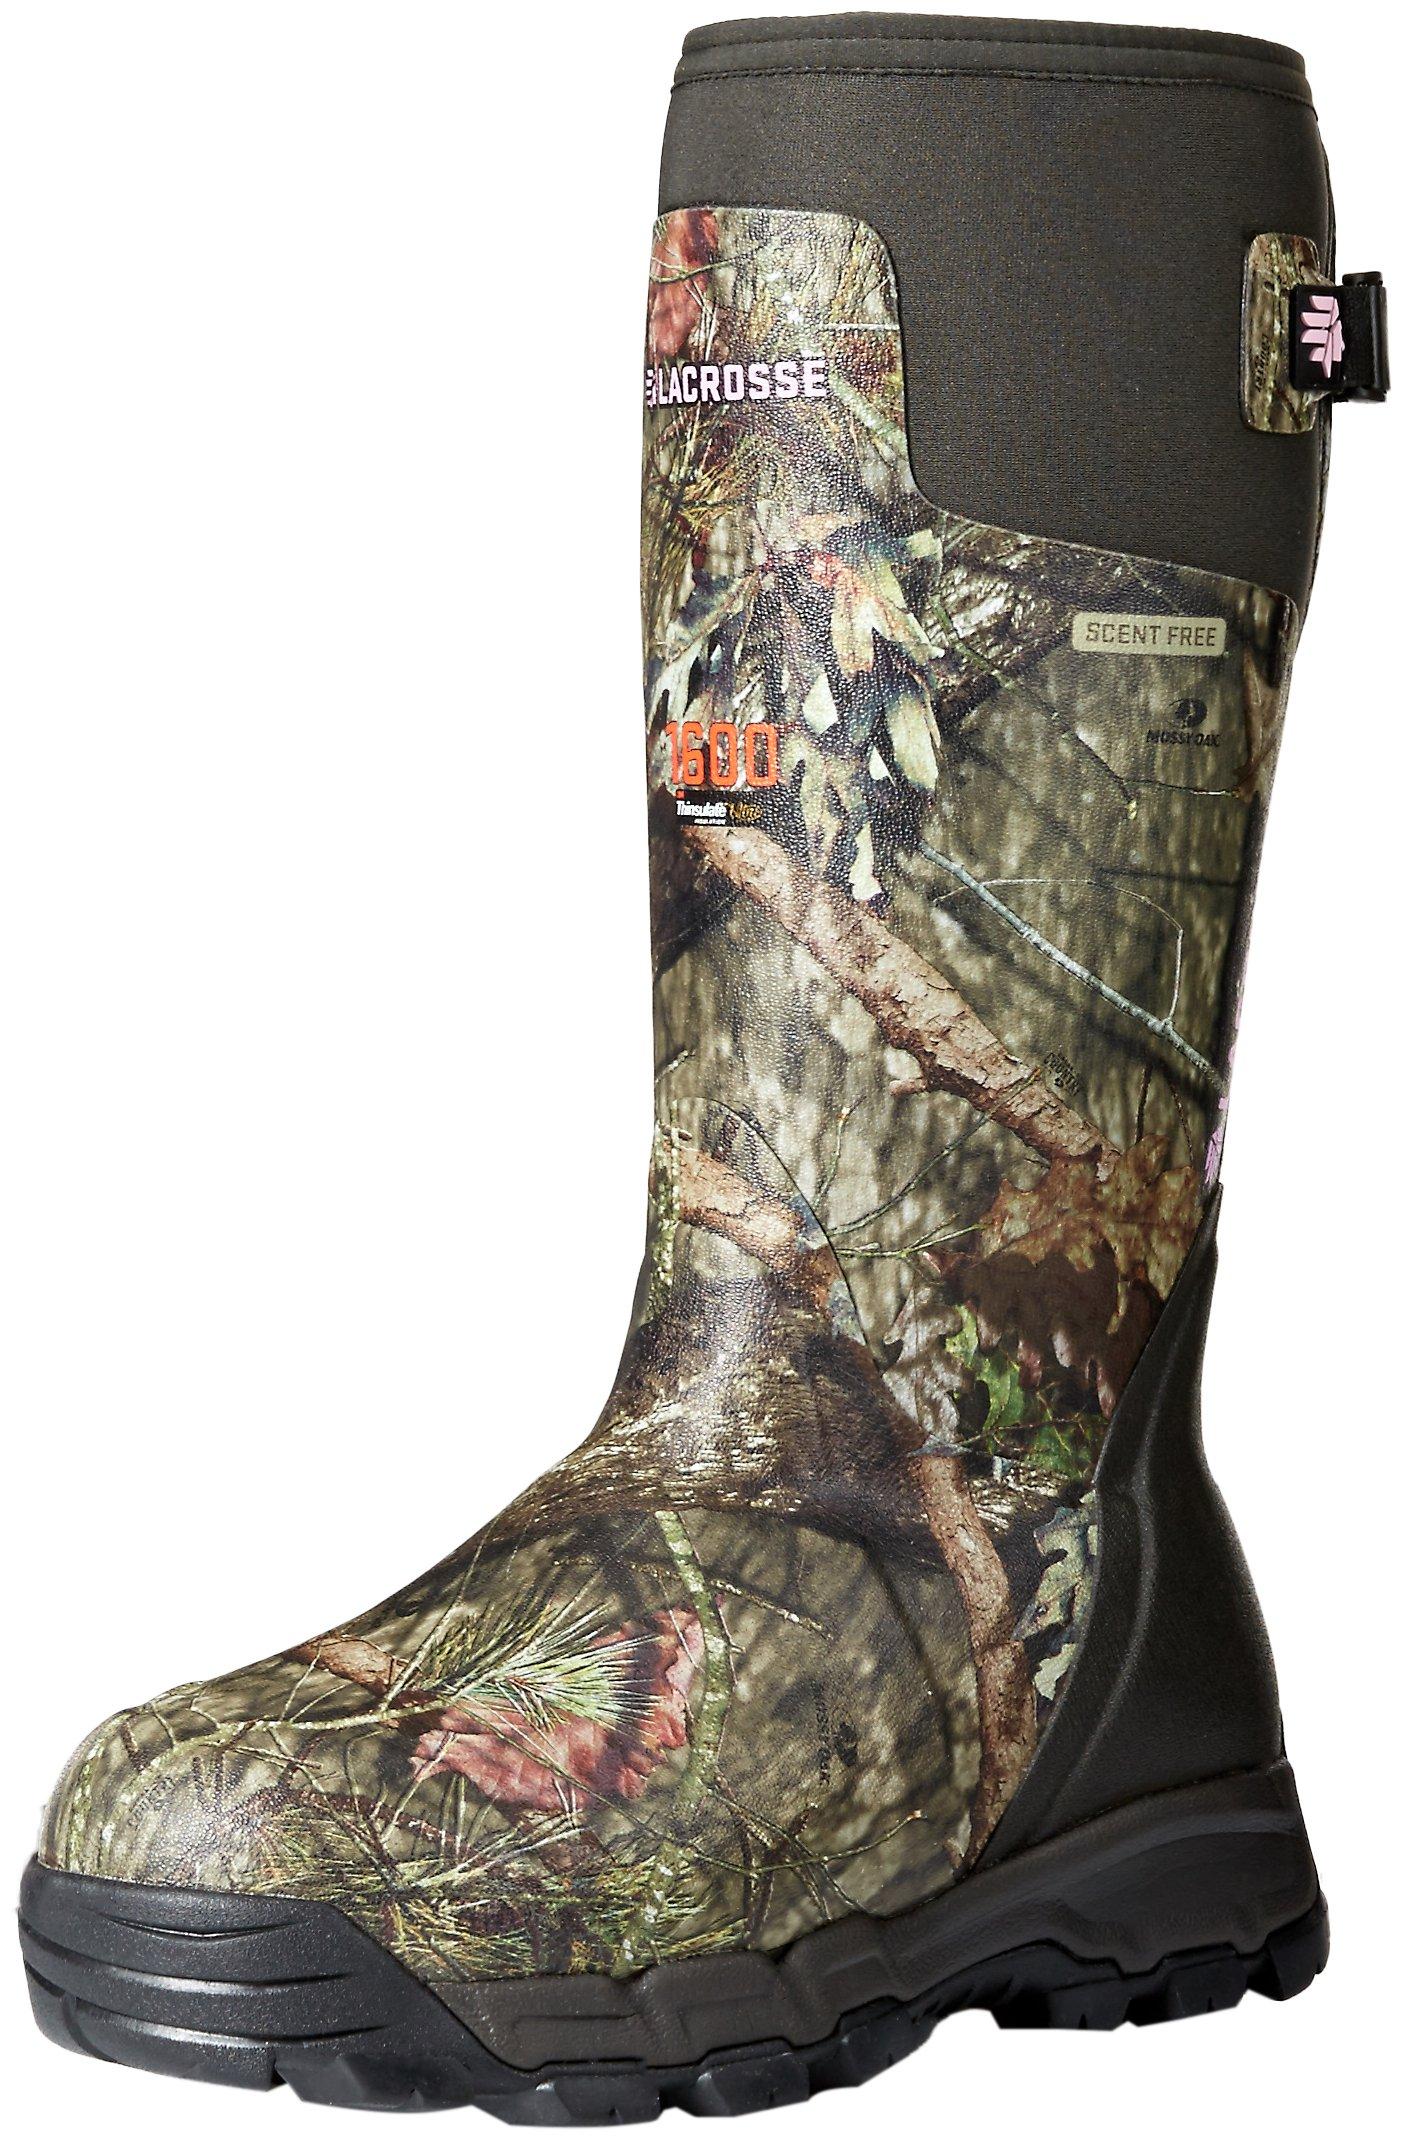 LaCrosse Women's Alphaburly Pro 1600G Hunting Shoes, Mossy Oak Break up Country, 8 M US by Lacrosse